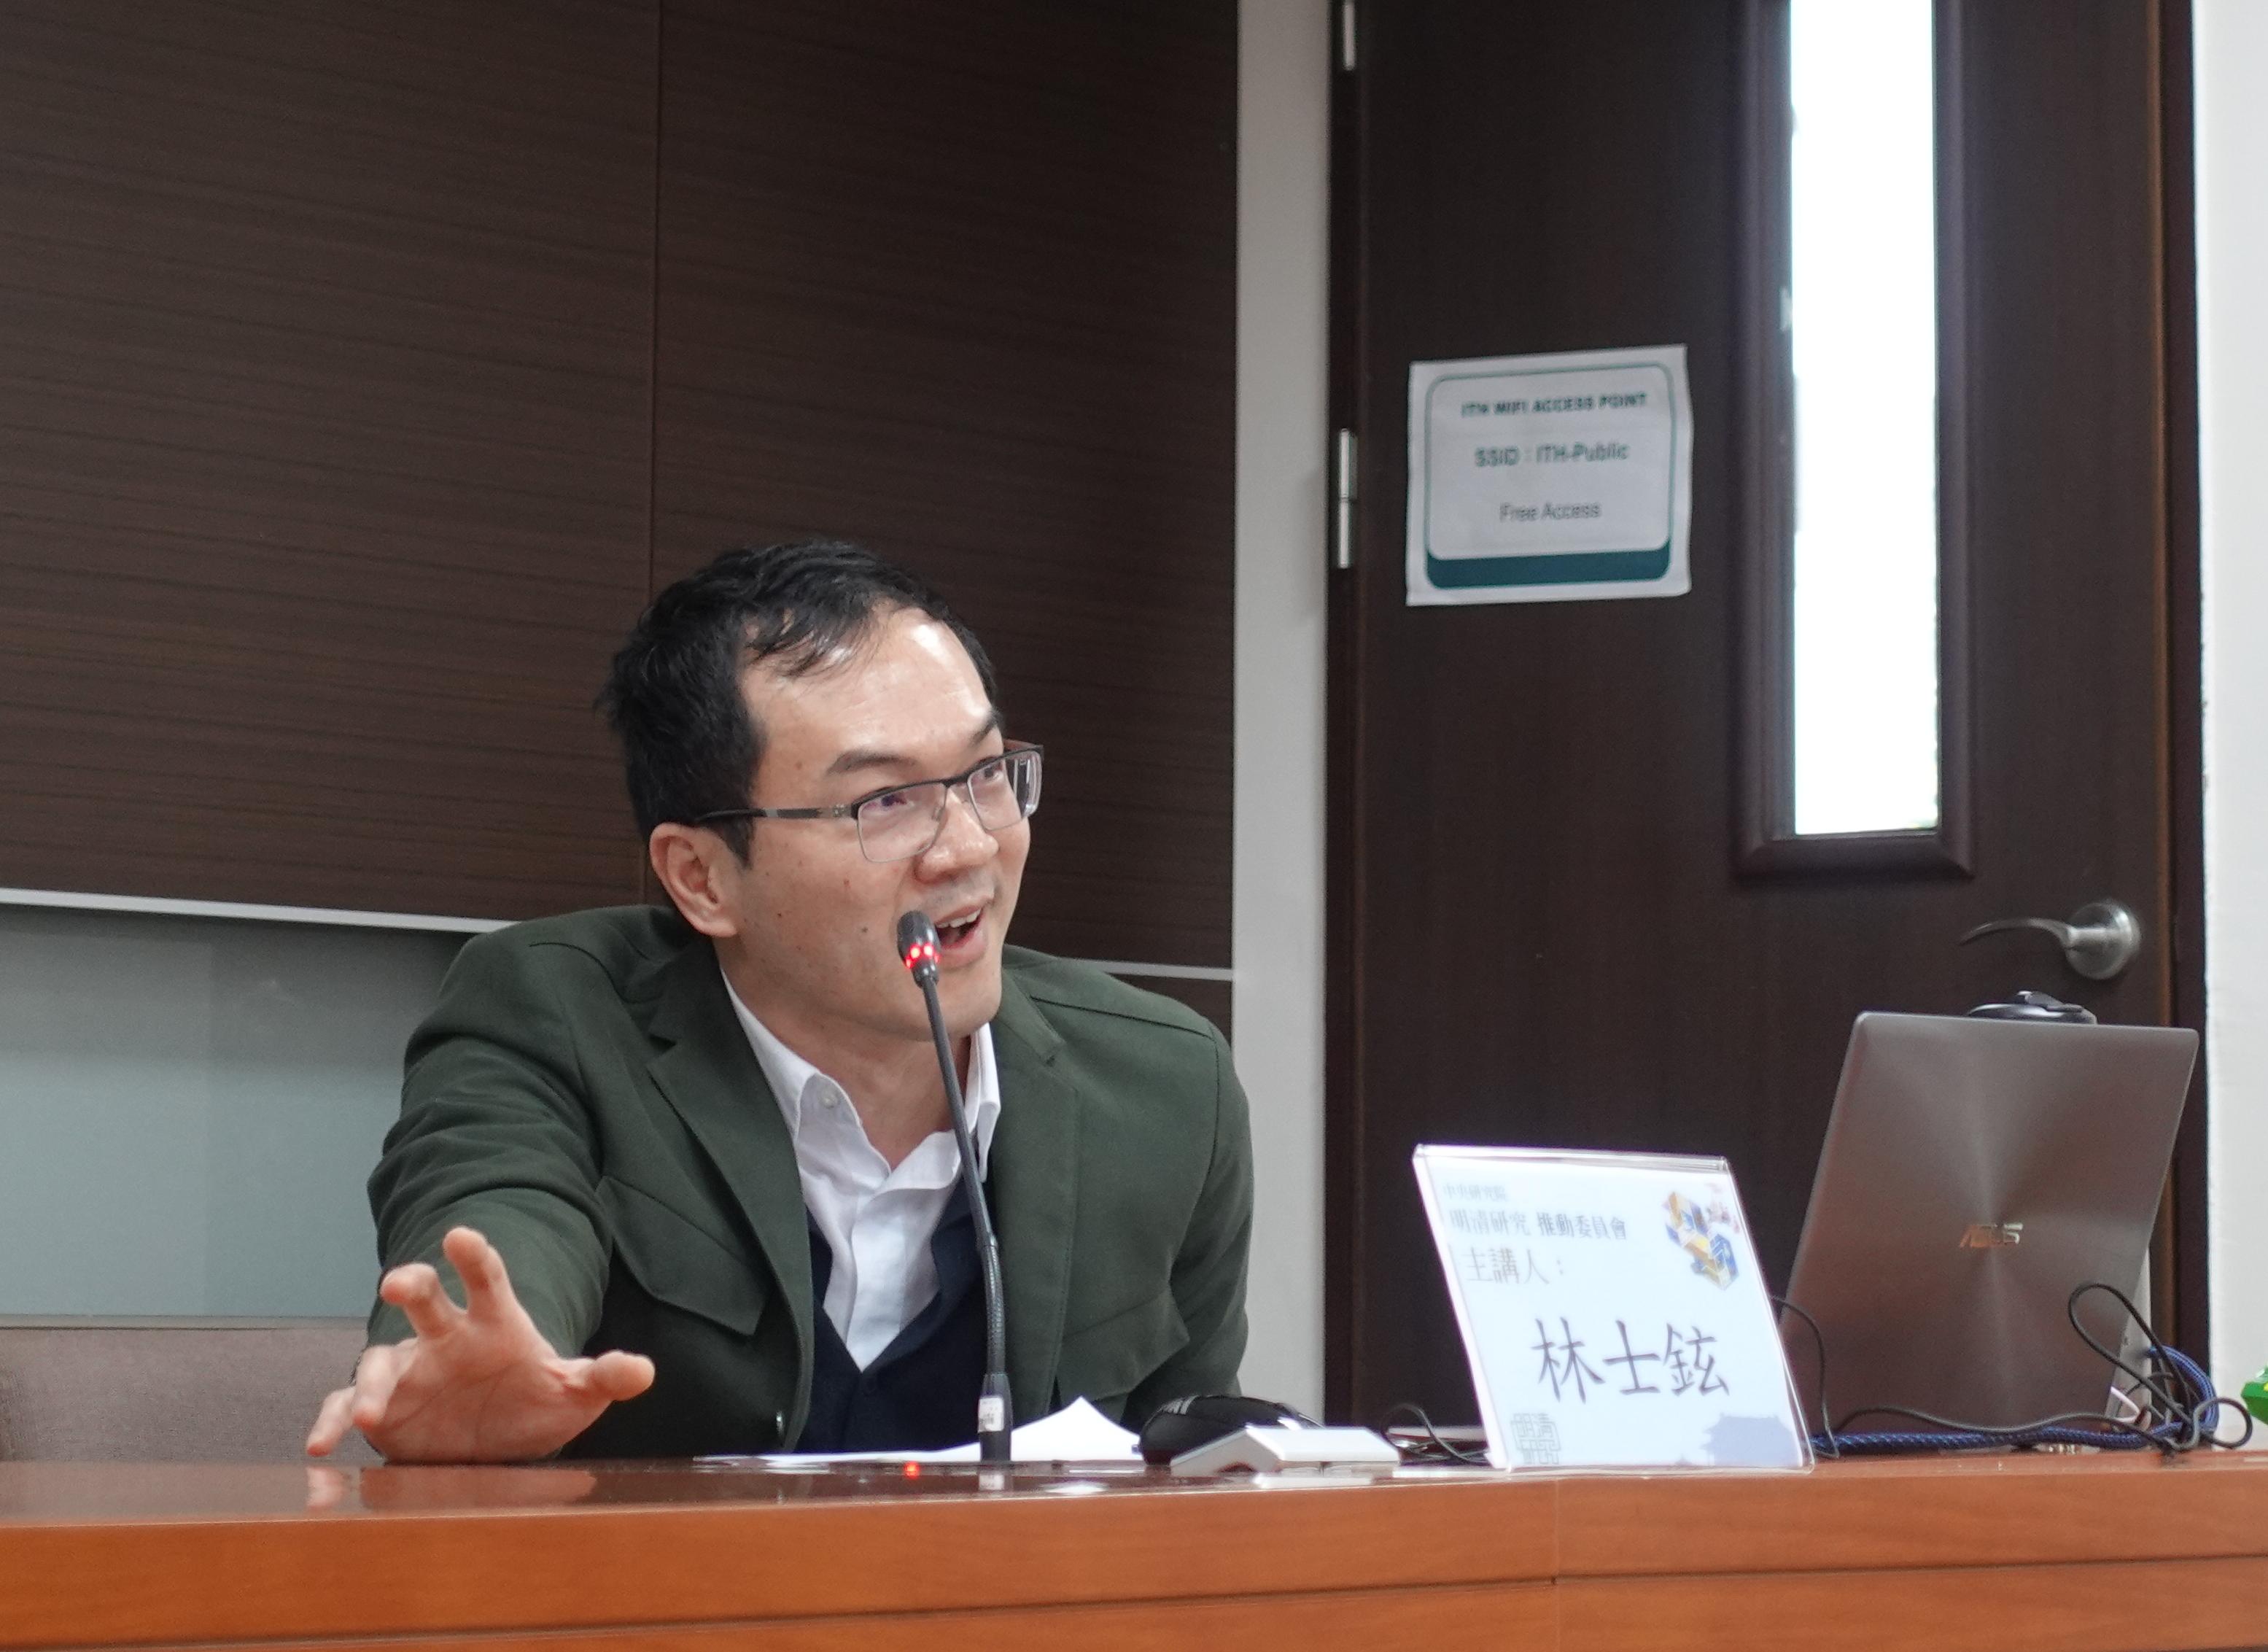 林士鉉教授演講「從旅獒到蒼猊:關於清代職貢圖像的幾個問題」紀要